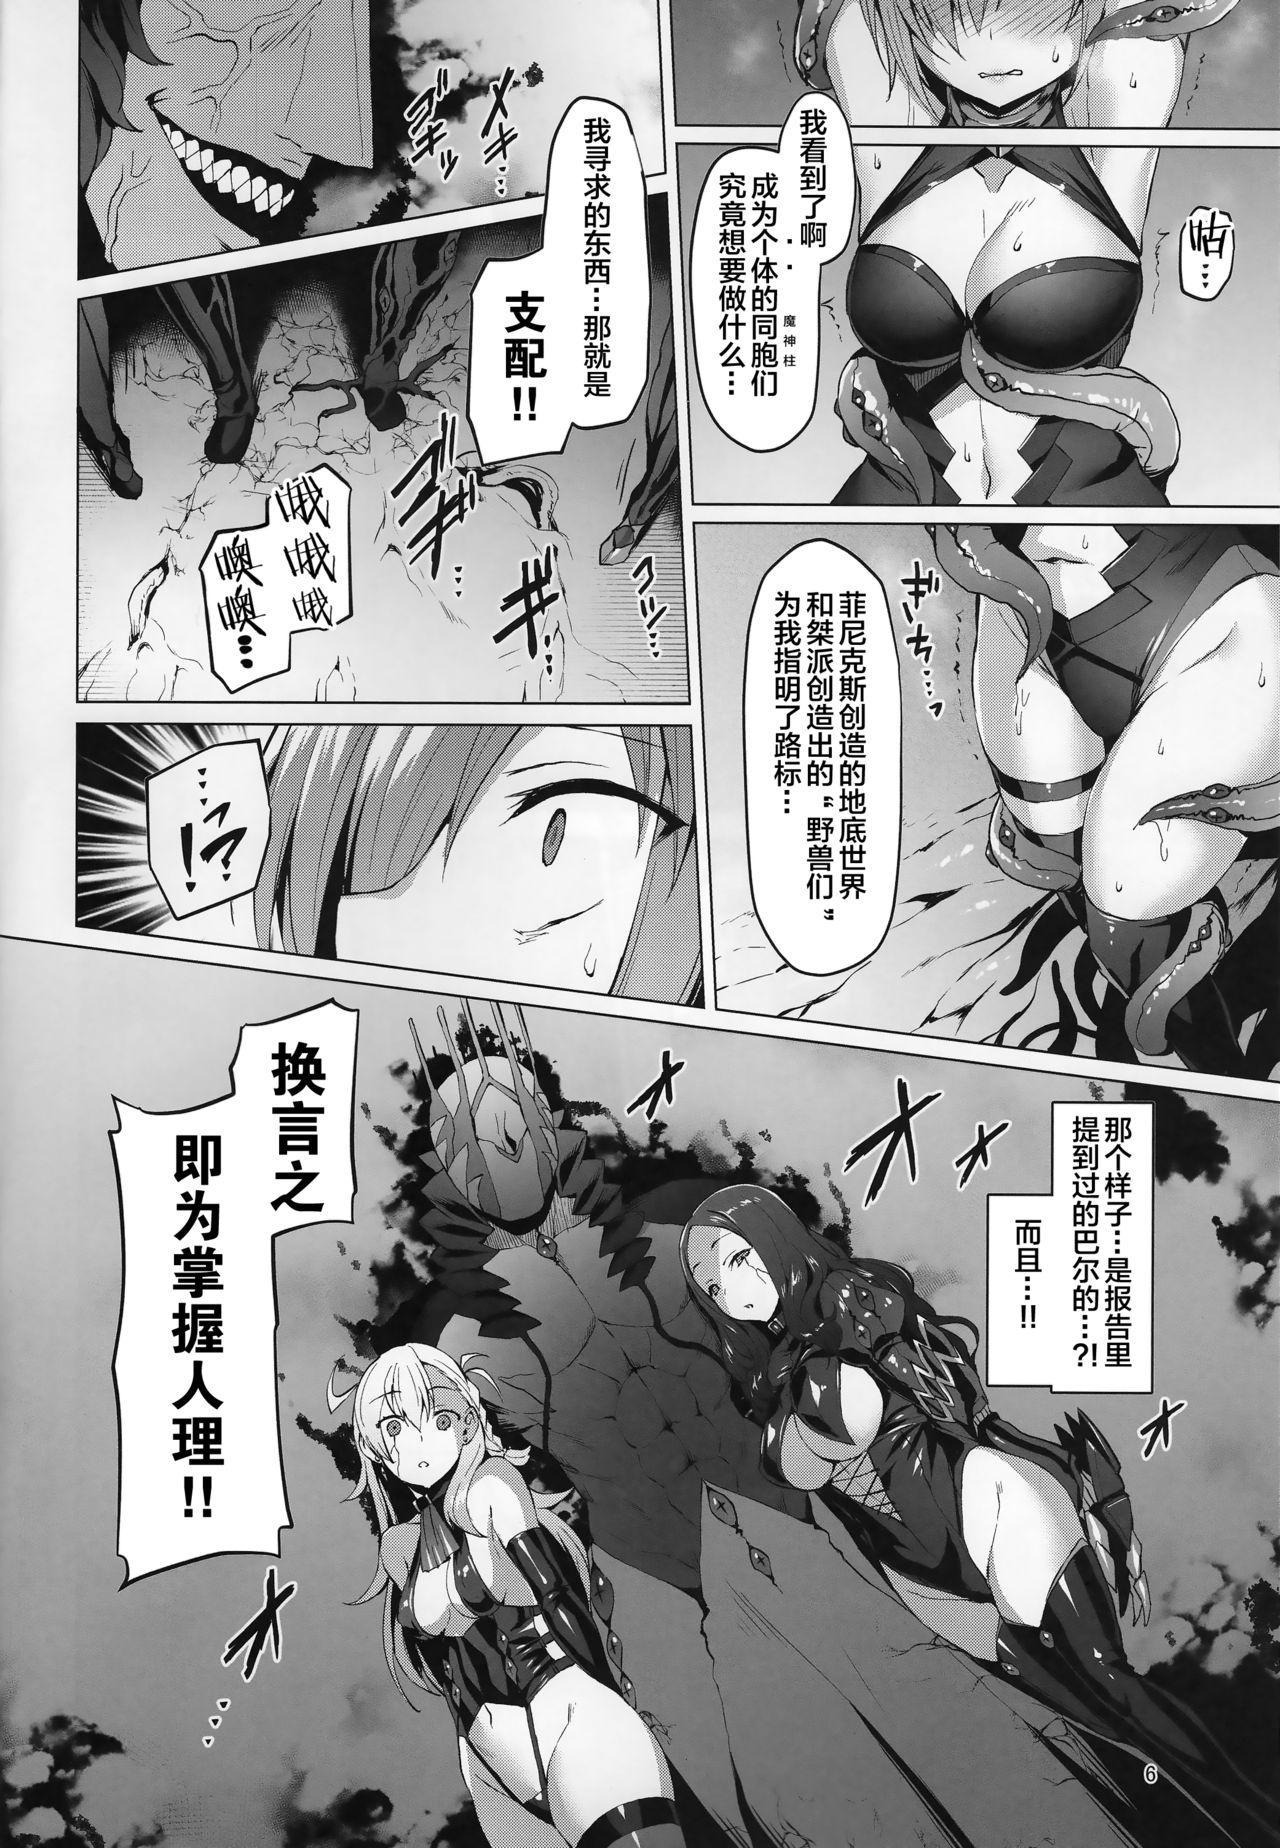 Ashu Jikan Shinden Chaldea 4